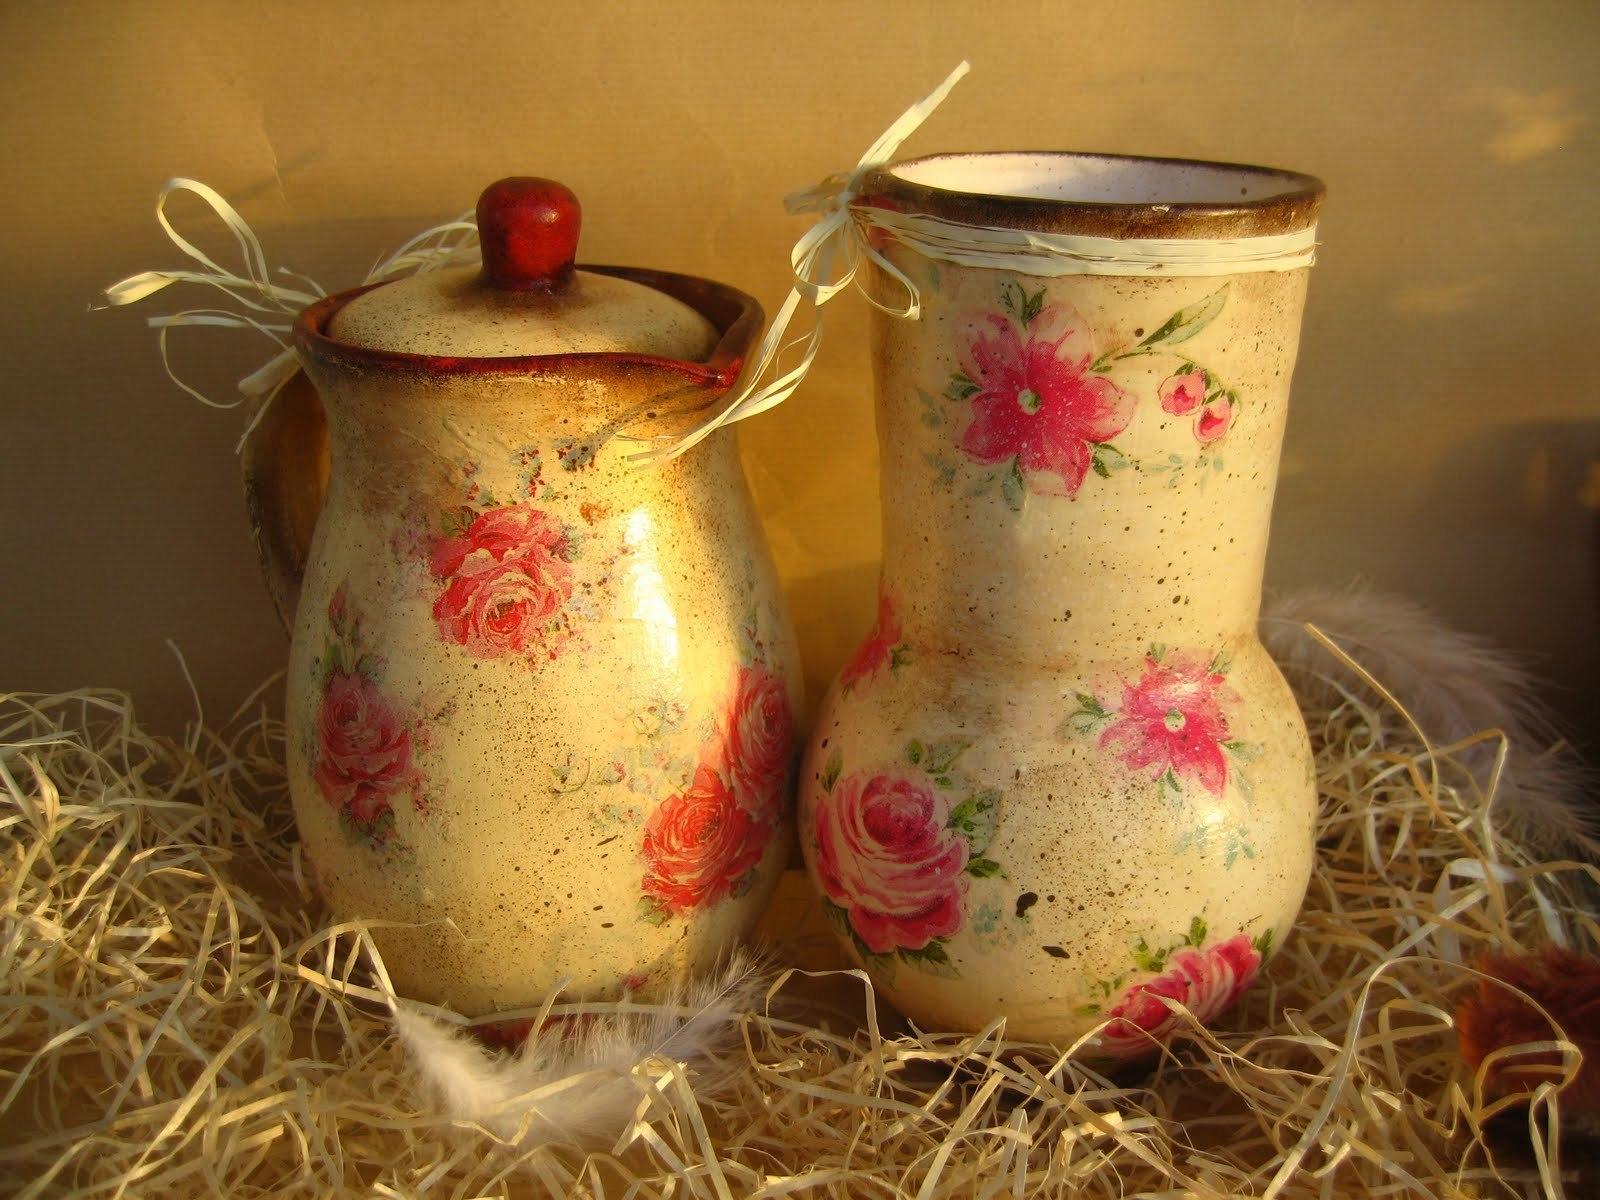 Цветы на посуде и керамических вазах - классика стиля.